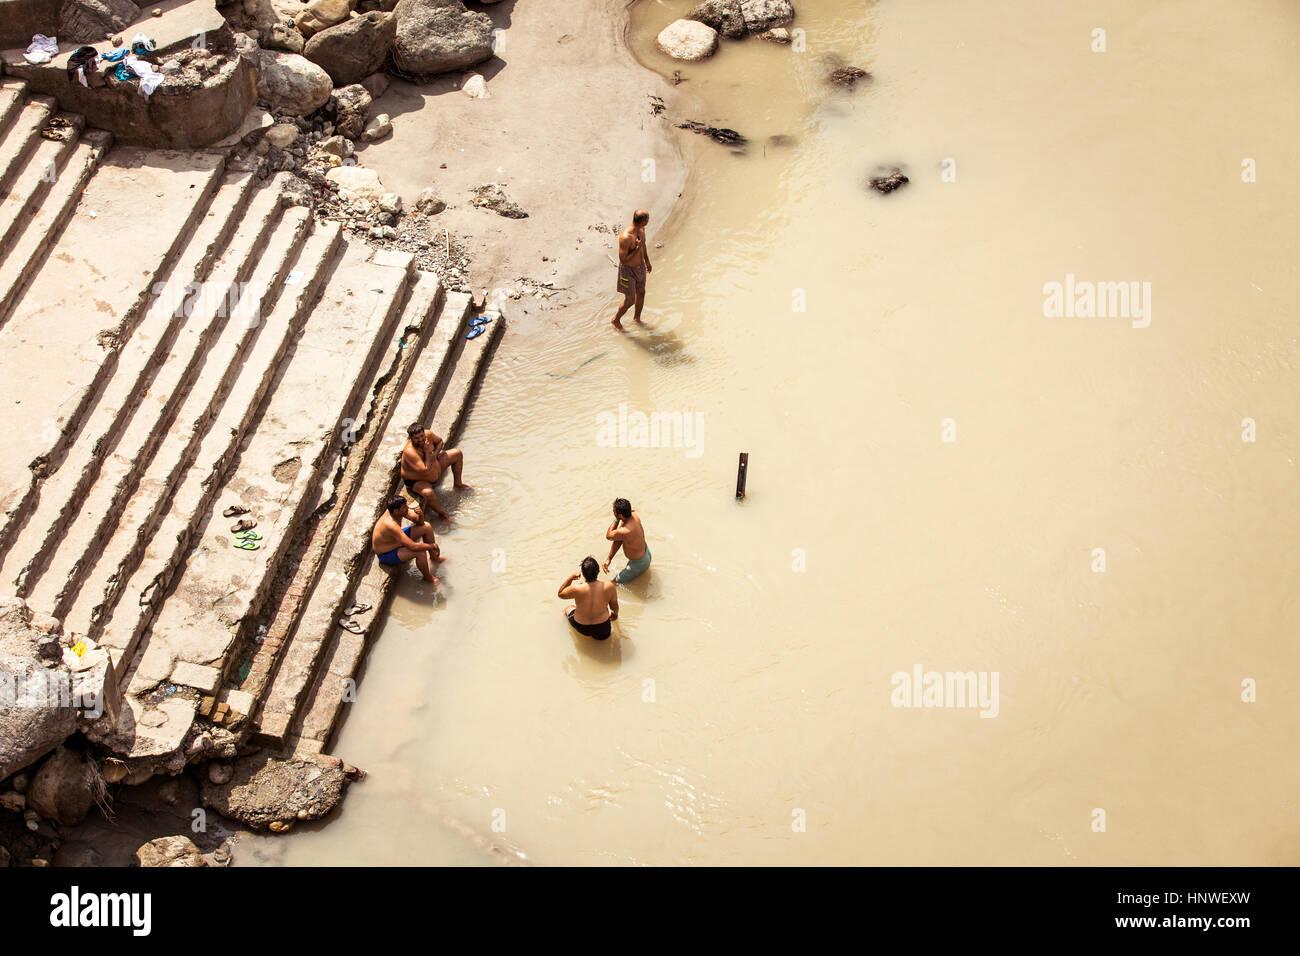 Rishikesh, Inde - le 22 septembre: Cinq hommes indiens se baigner dans le Gange, Rishikesh, Inde le 22 septembre Banque D'Images